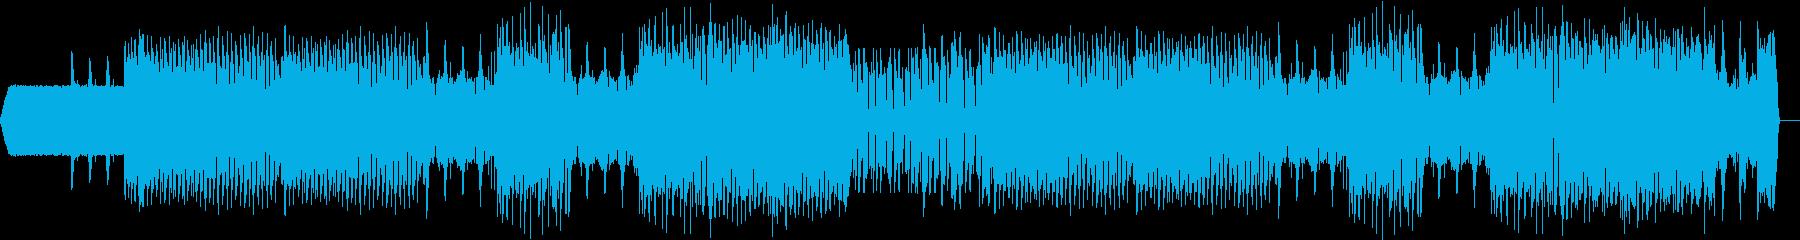 EDMっぽい明るい曲ですの再生済みの波形